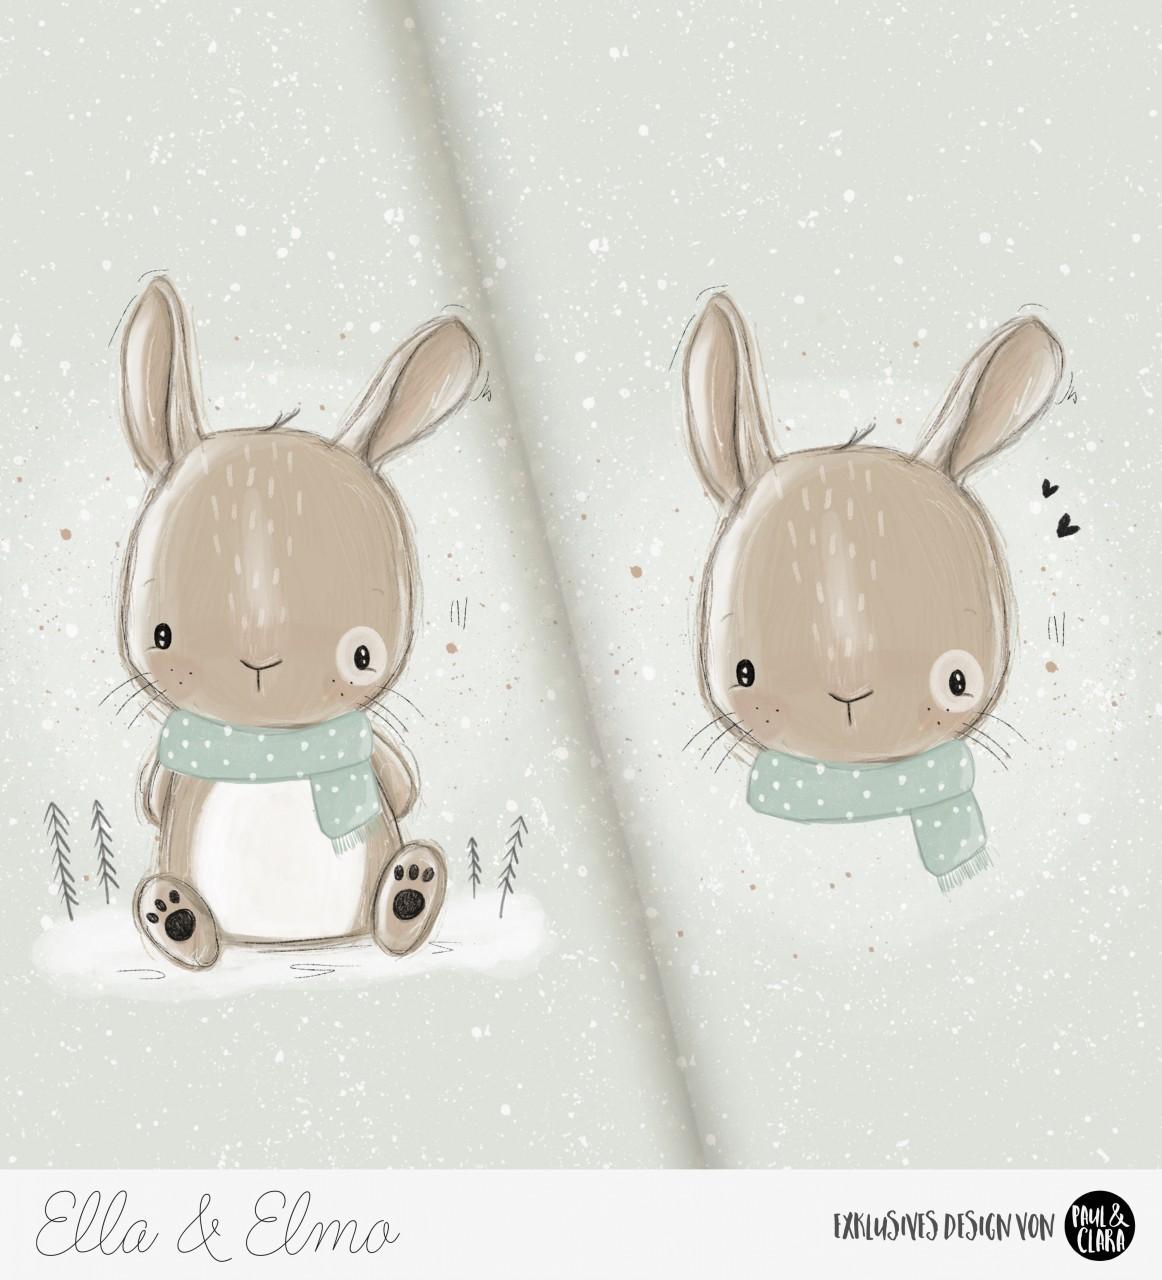 *VORBESTELLUNG* Ella & Elmo *Winter-Edition* - Panel Mint *Bio-Sommersweat*